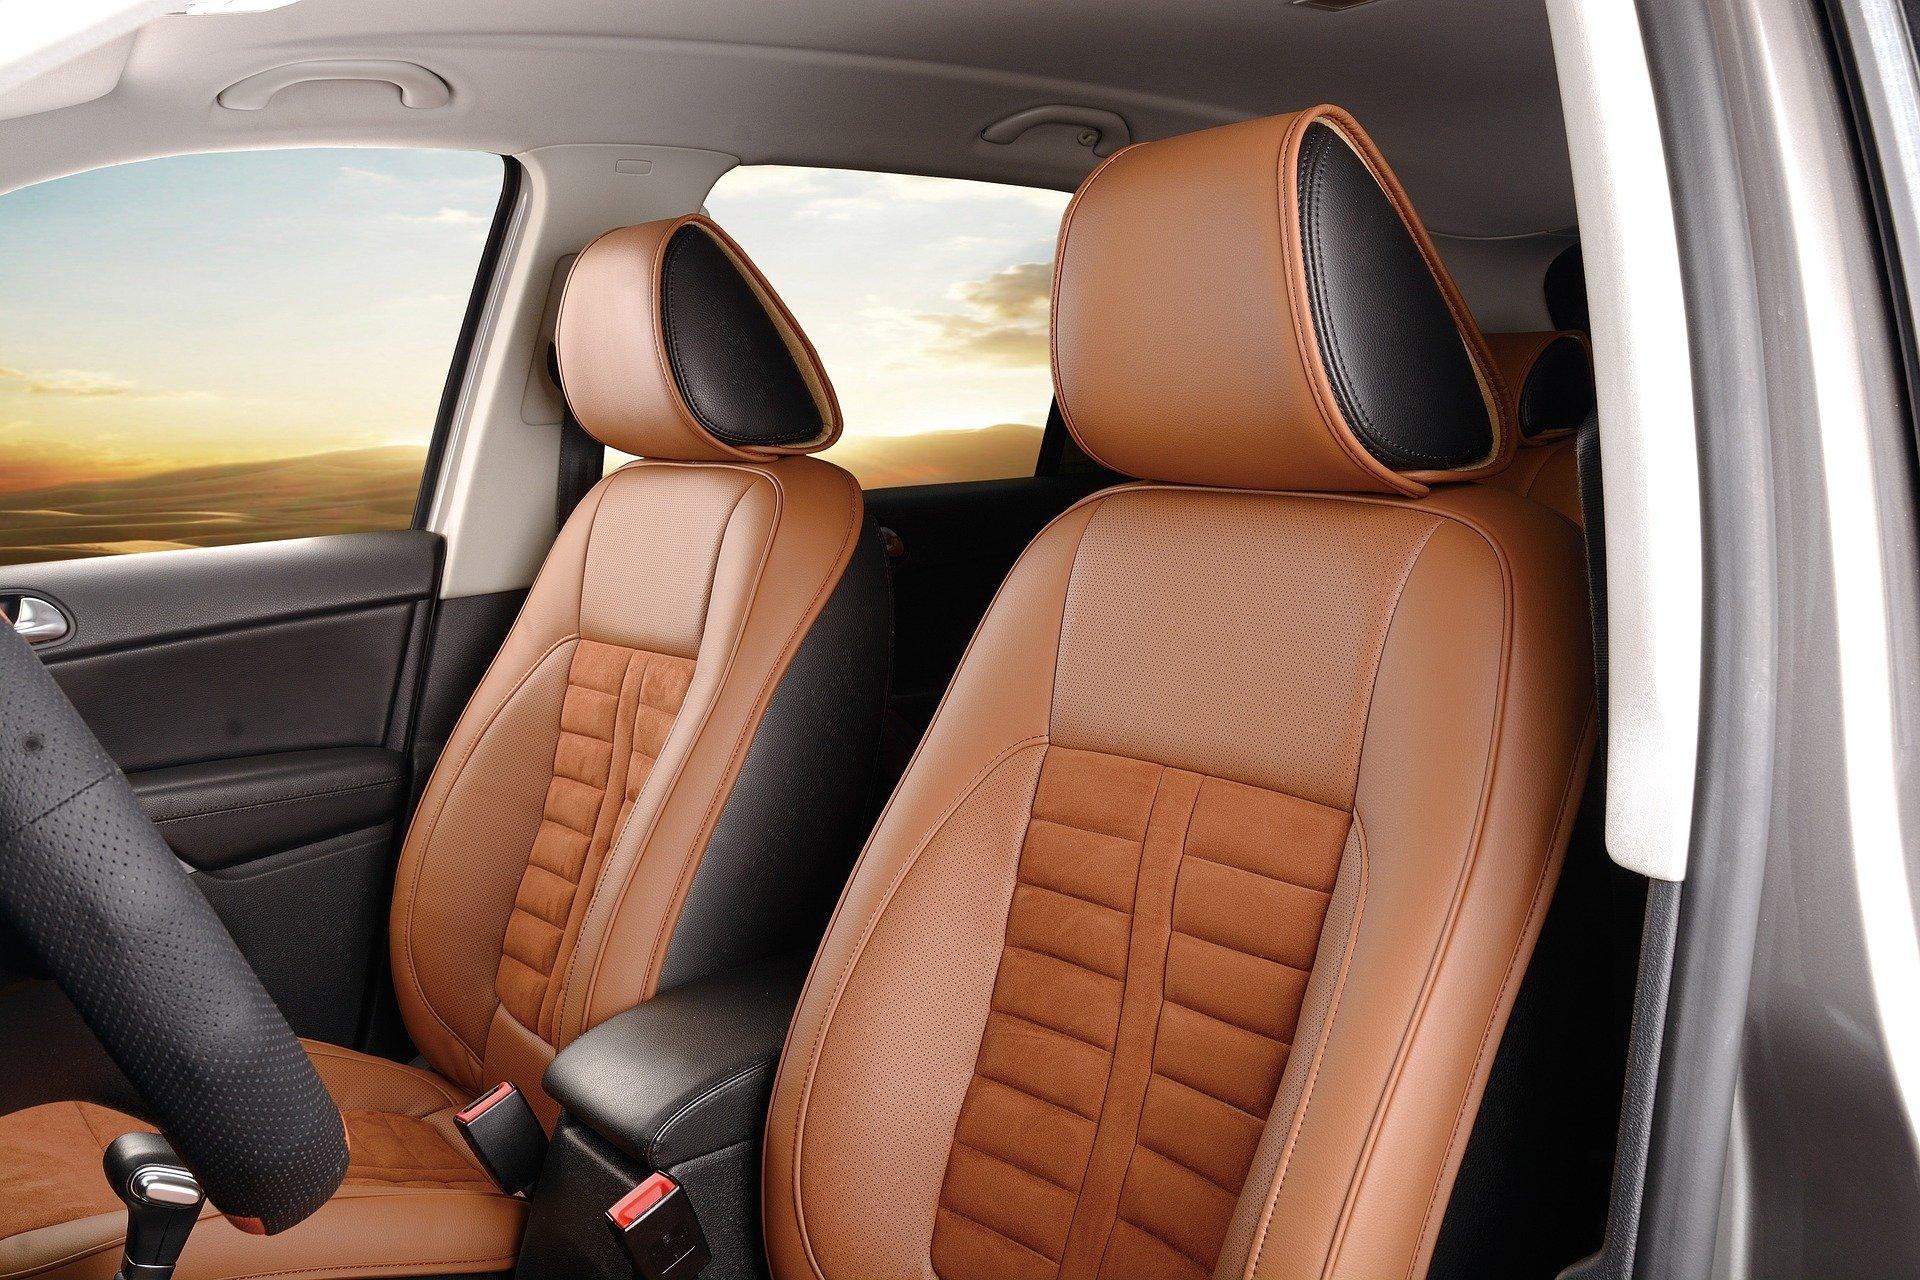 Foto de bancos marrons em um carro. Imagem ilustrativa para o texto limpeza de carros por dentro.